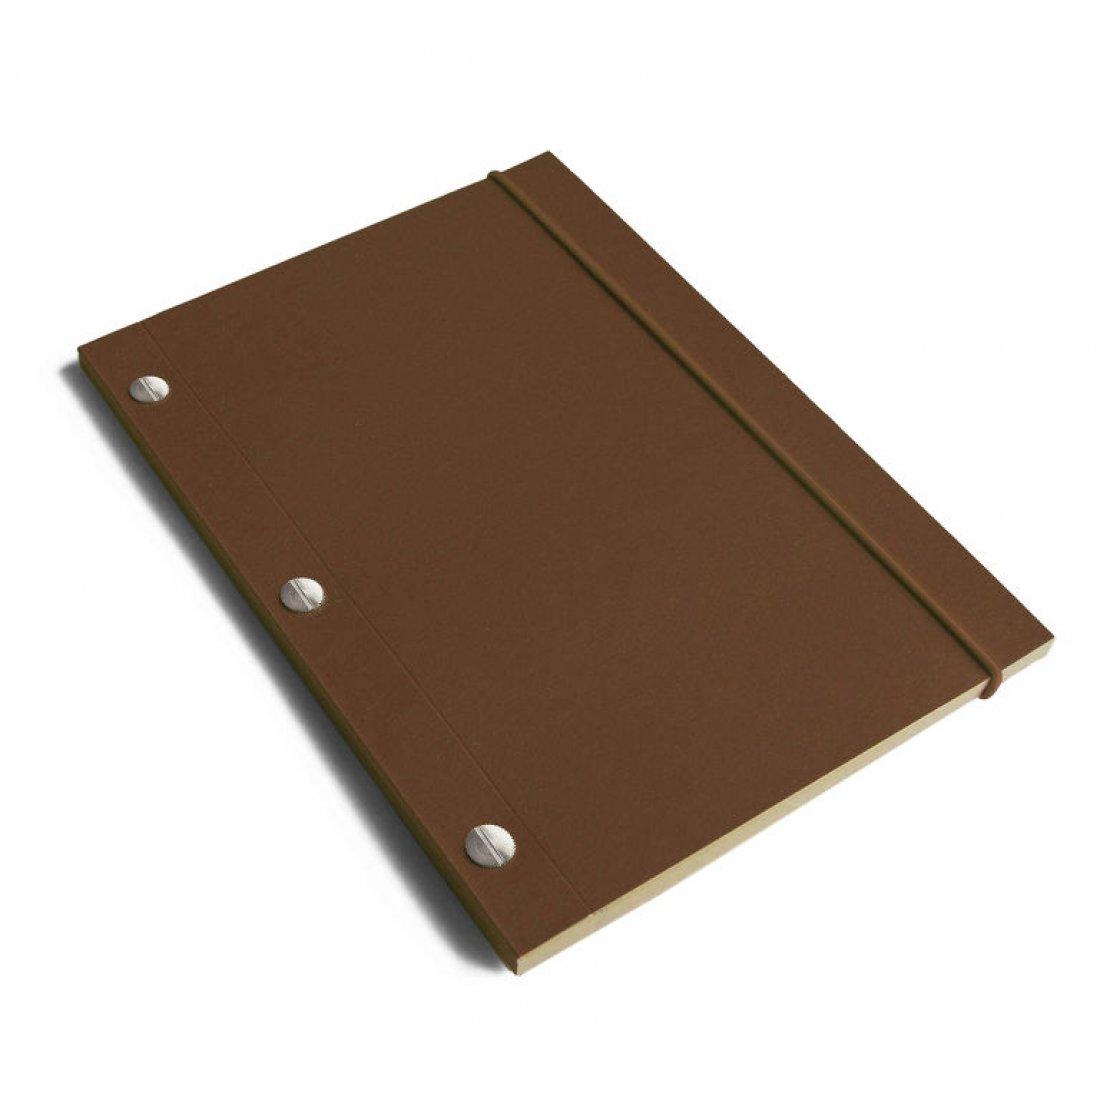 Carnet en kraft A5 - Chocolat